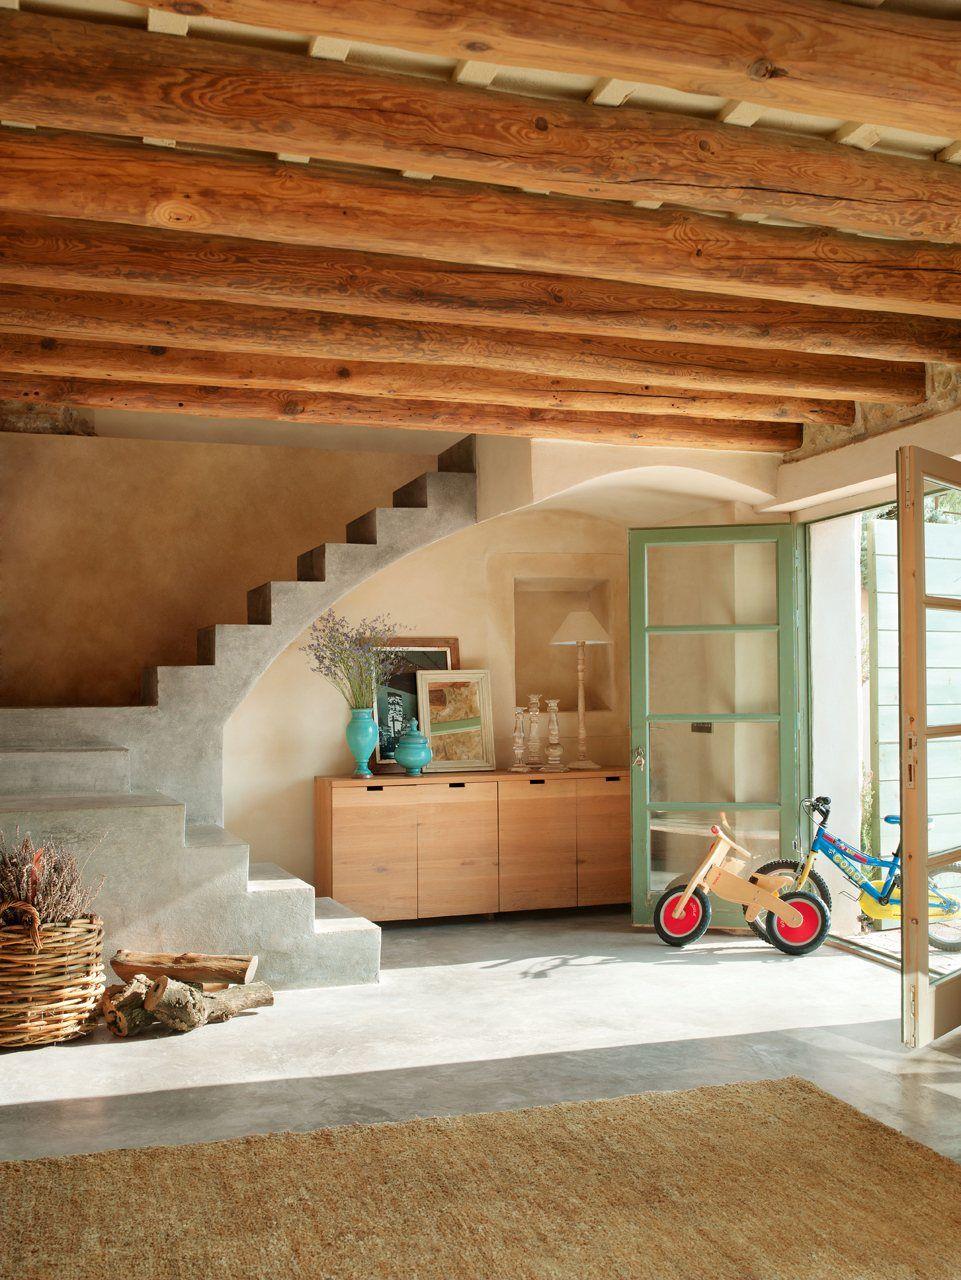 Una casa r stica llena de vitalidad casas - Diseno casas rusticas ...